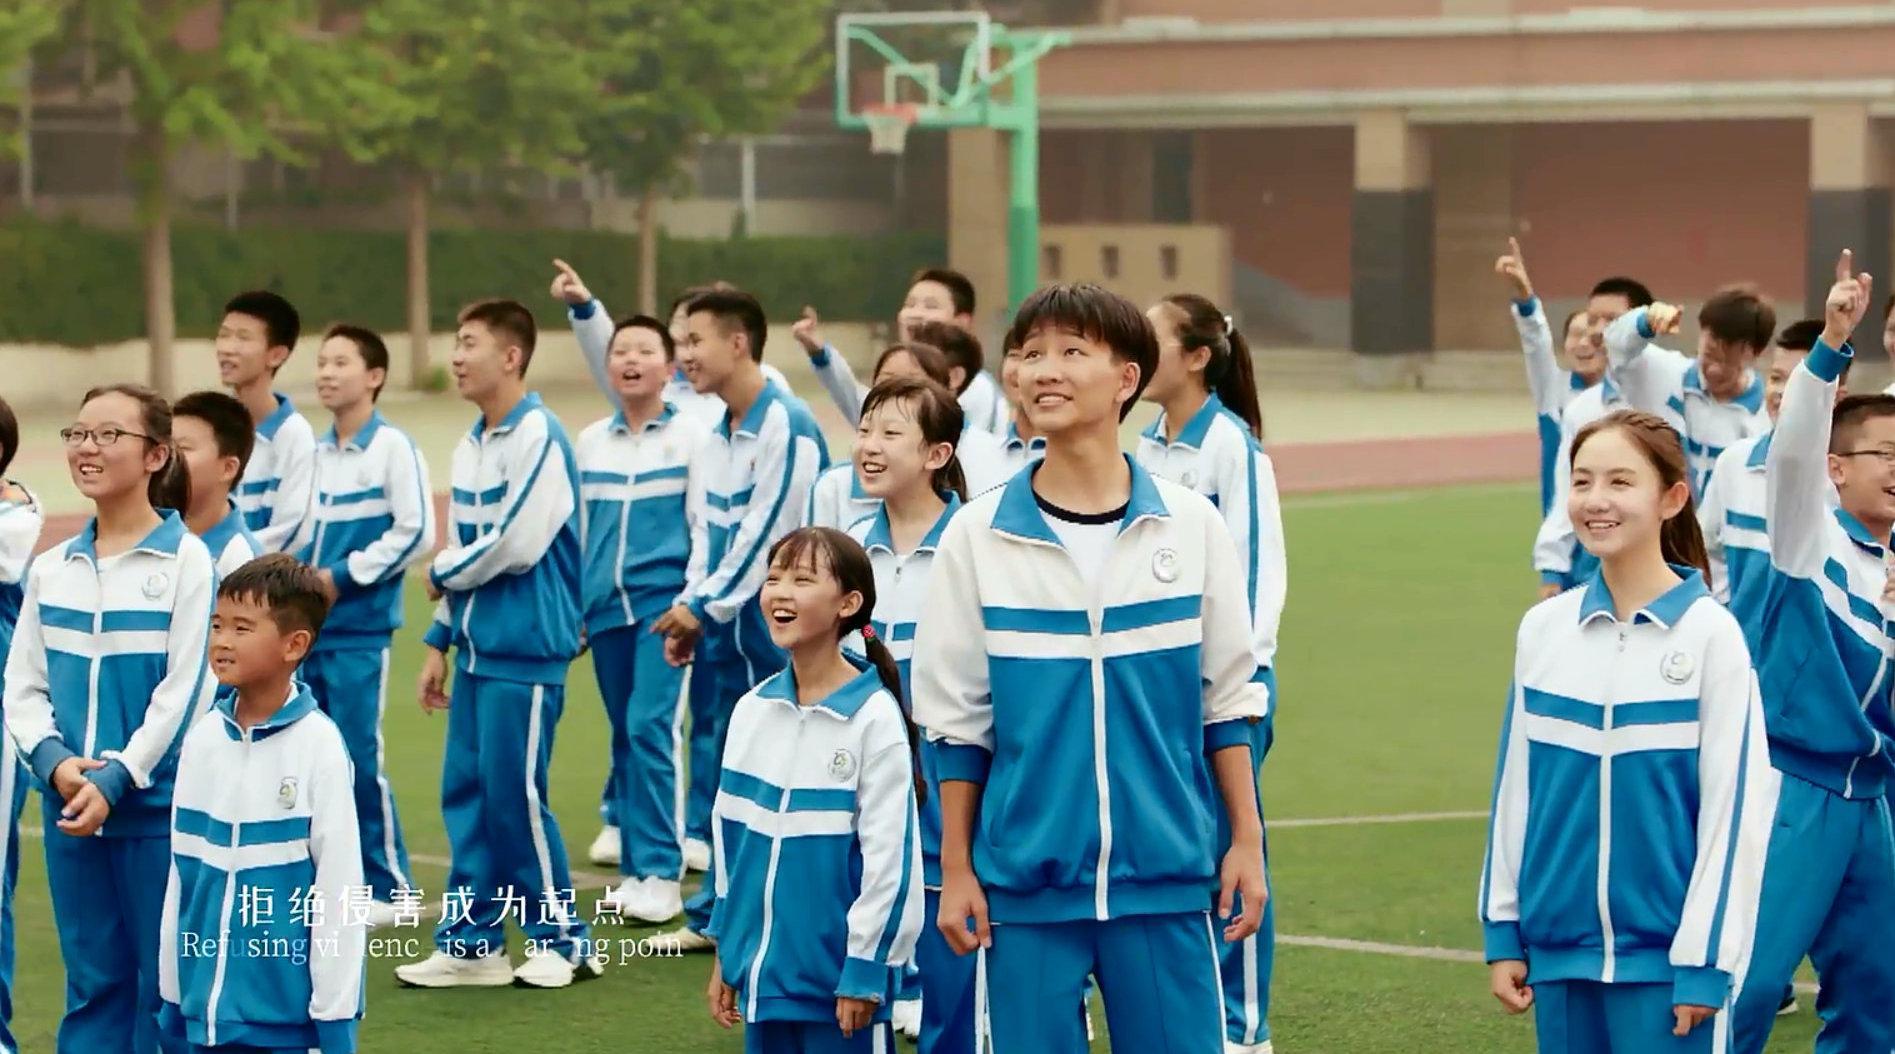 李易峰《青春需要温暖》MV版 每一个个体都有他的温暖和光……